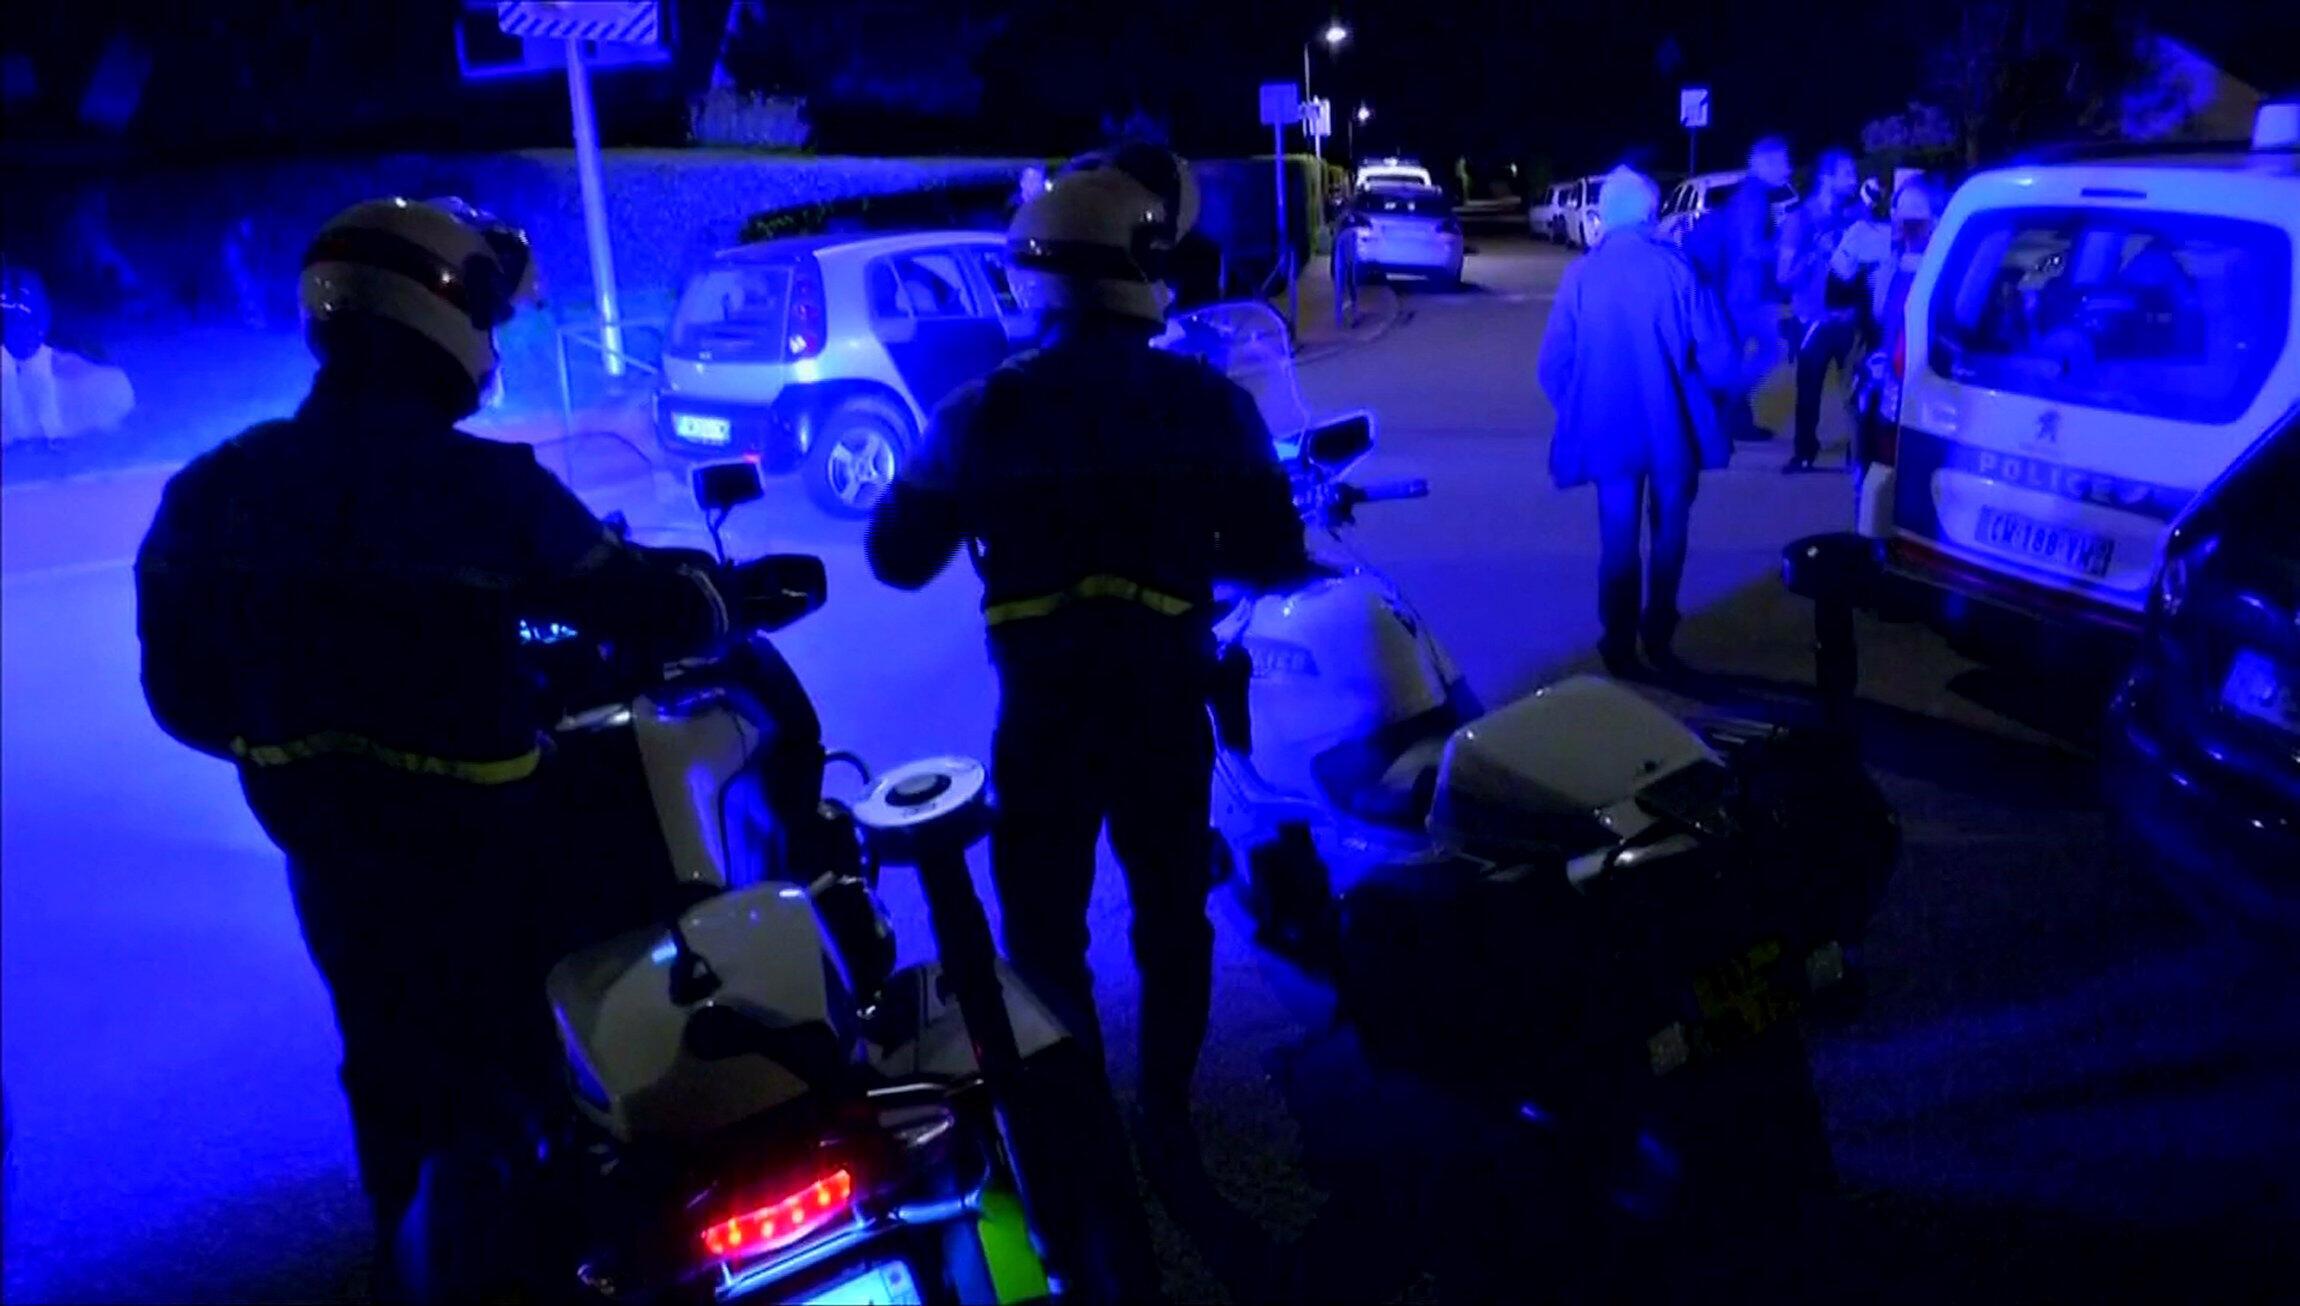 Casa do policial morto pelo jihadista francês nesta segunda-feira